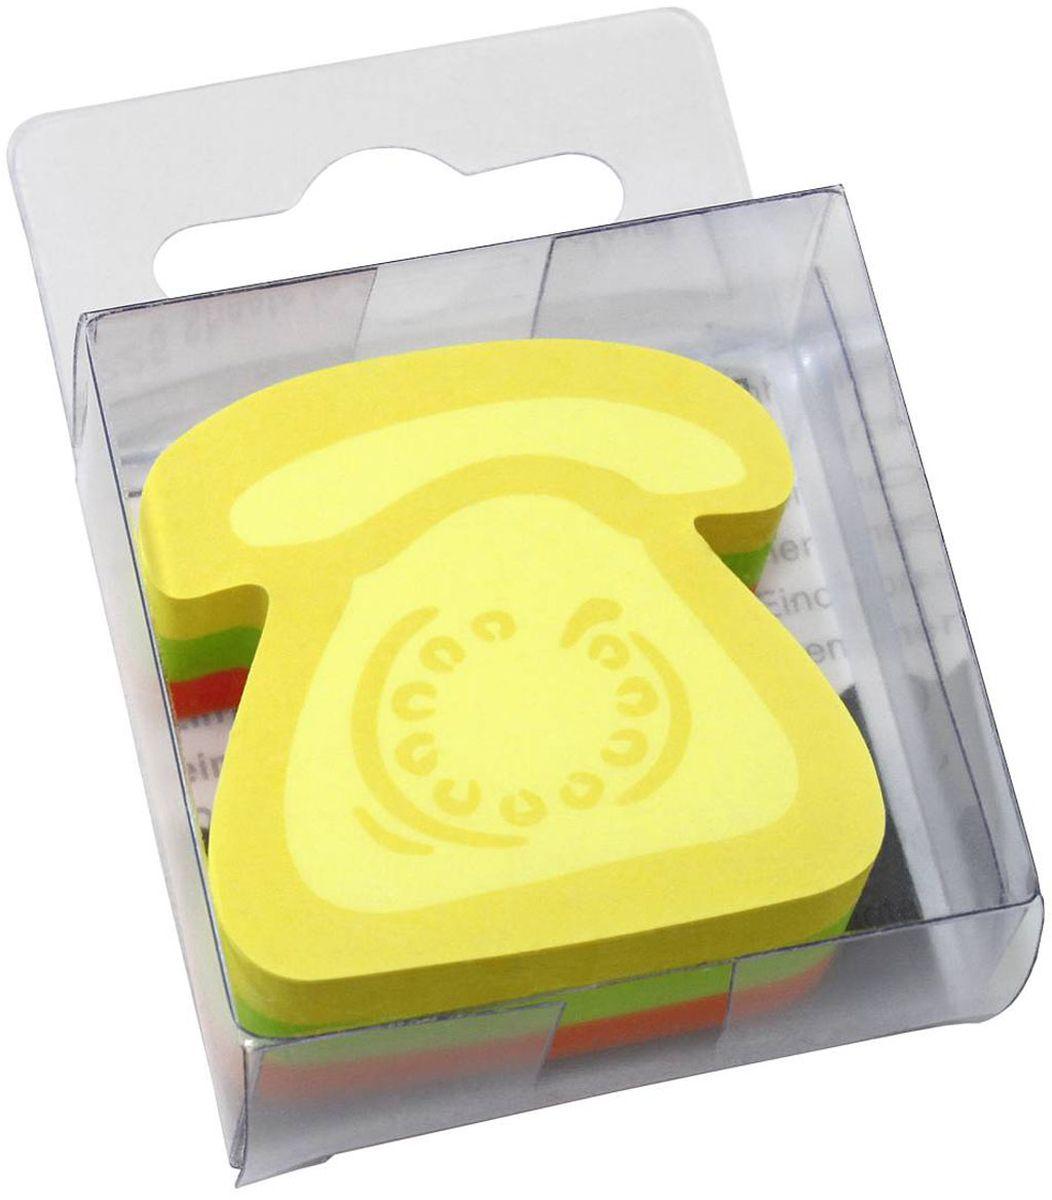 Global Notes Бумага для заметок с липким слоем Телефон 5 х 5 см 225 листов584339Бумага для заметок с липким слоем Global Notes Телефон обязательно привлечет внимание к вашему сообщению. Листочки легко приклеиваются к любой поверхности, будь то бумага, корпус монитора, дверь. Не оставляют следов после отклеивания.